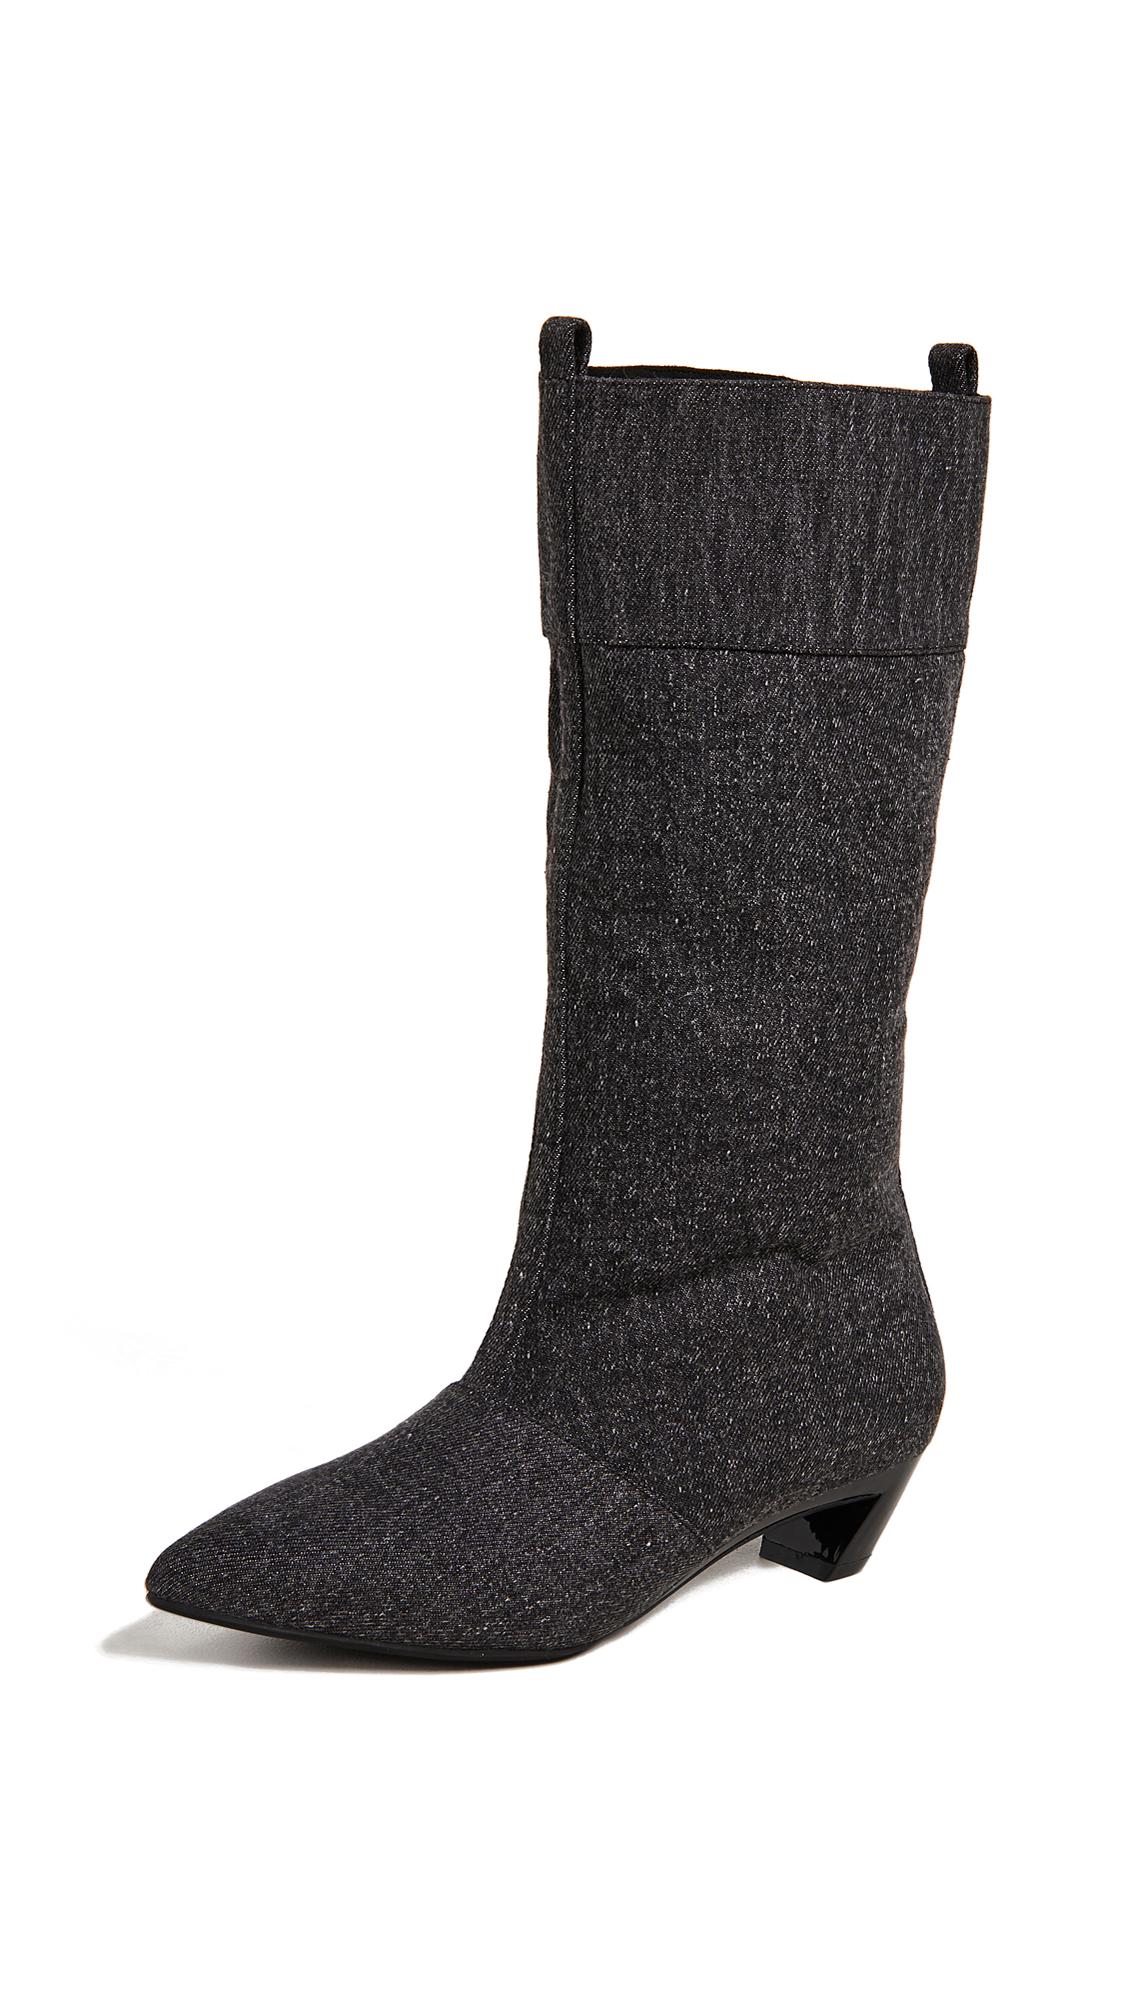 Jeffrey Campbell Hiroshi Kitten Heel Boots - Black